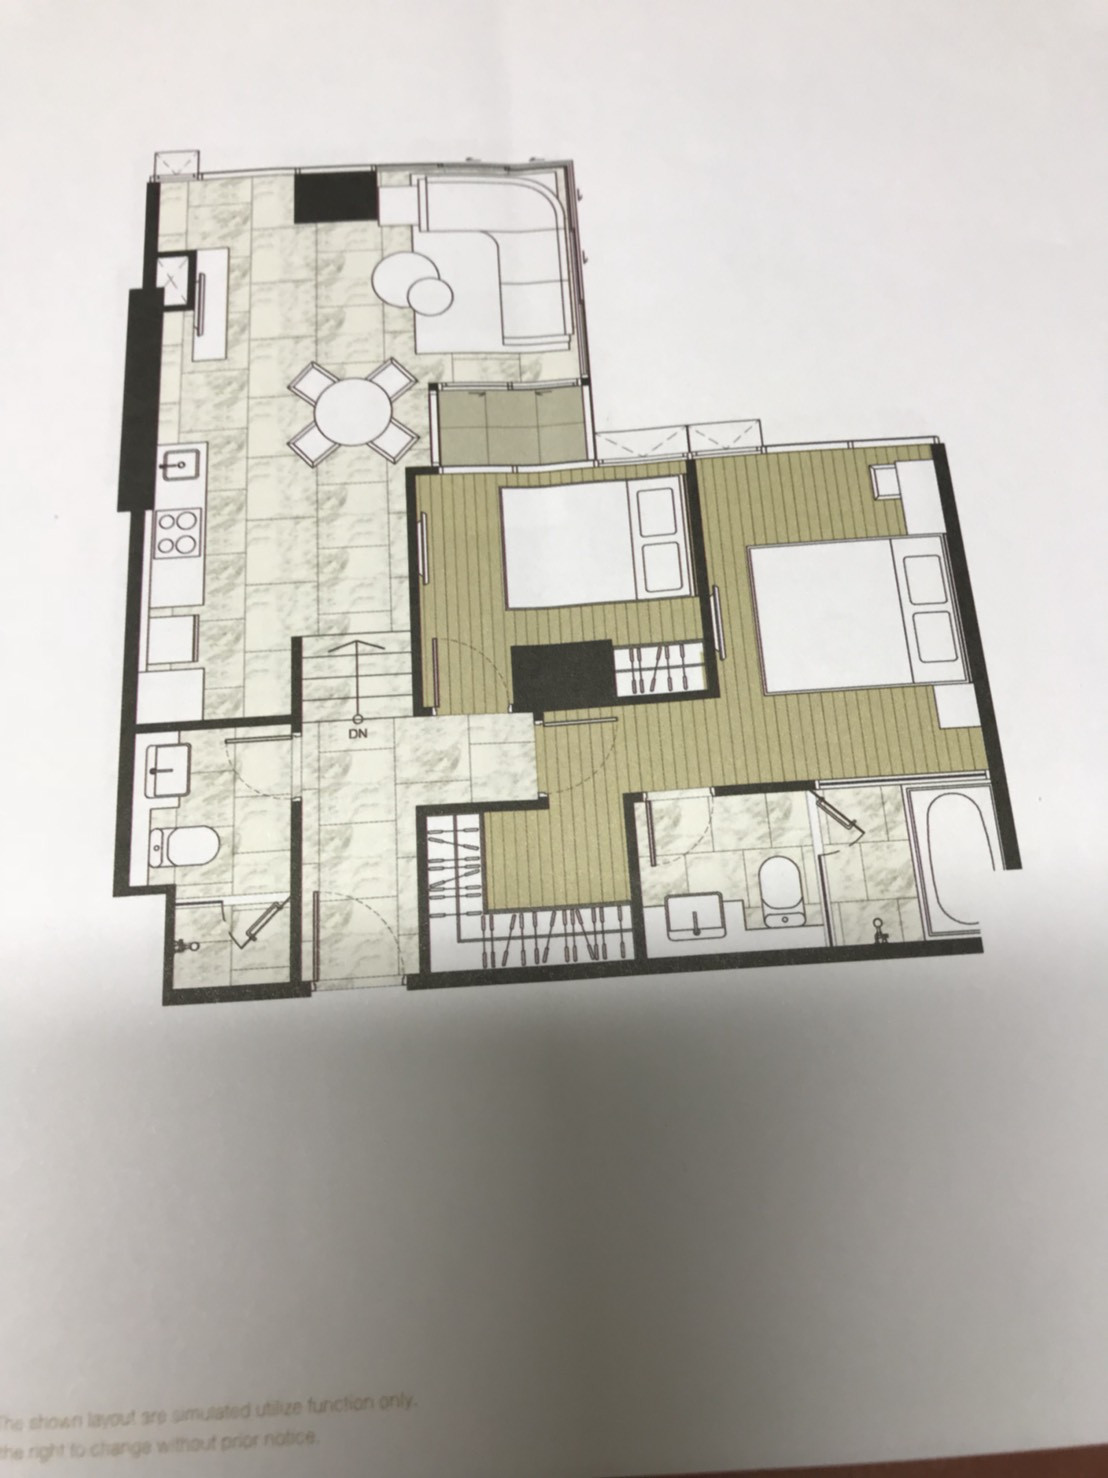 รูปของประกาศขายคอนโดแอชตัน สีลม(2 ห้องนอน)(3)